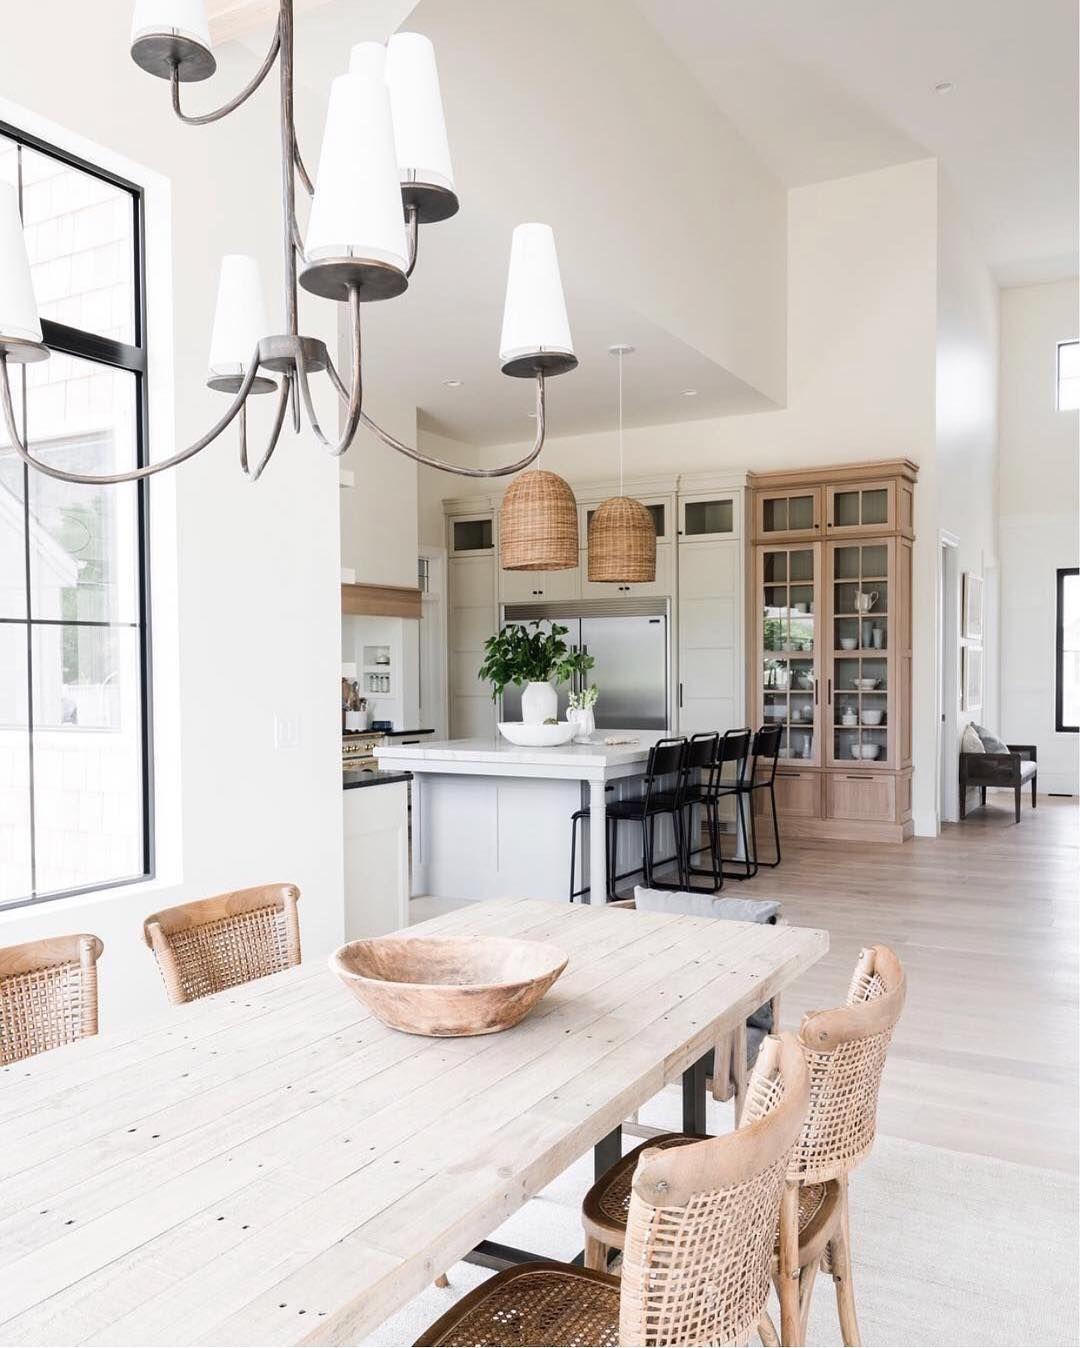 Idée décoration cuisine ouverte blanche et bois clair - moderne et ...